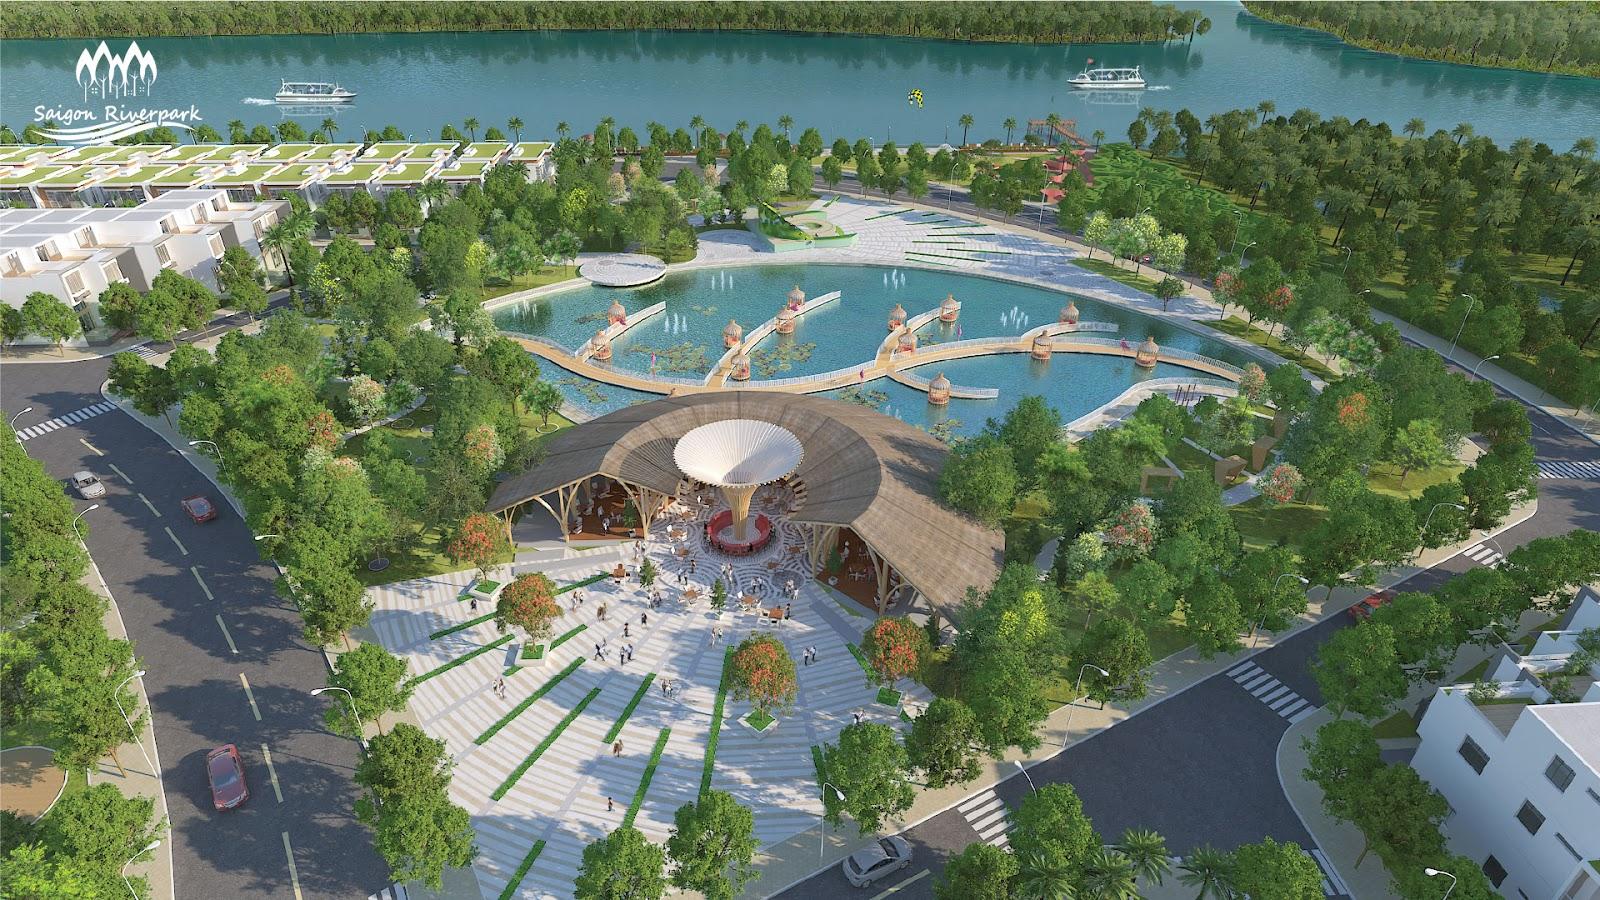 quang-truong-saigon-riverpark